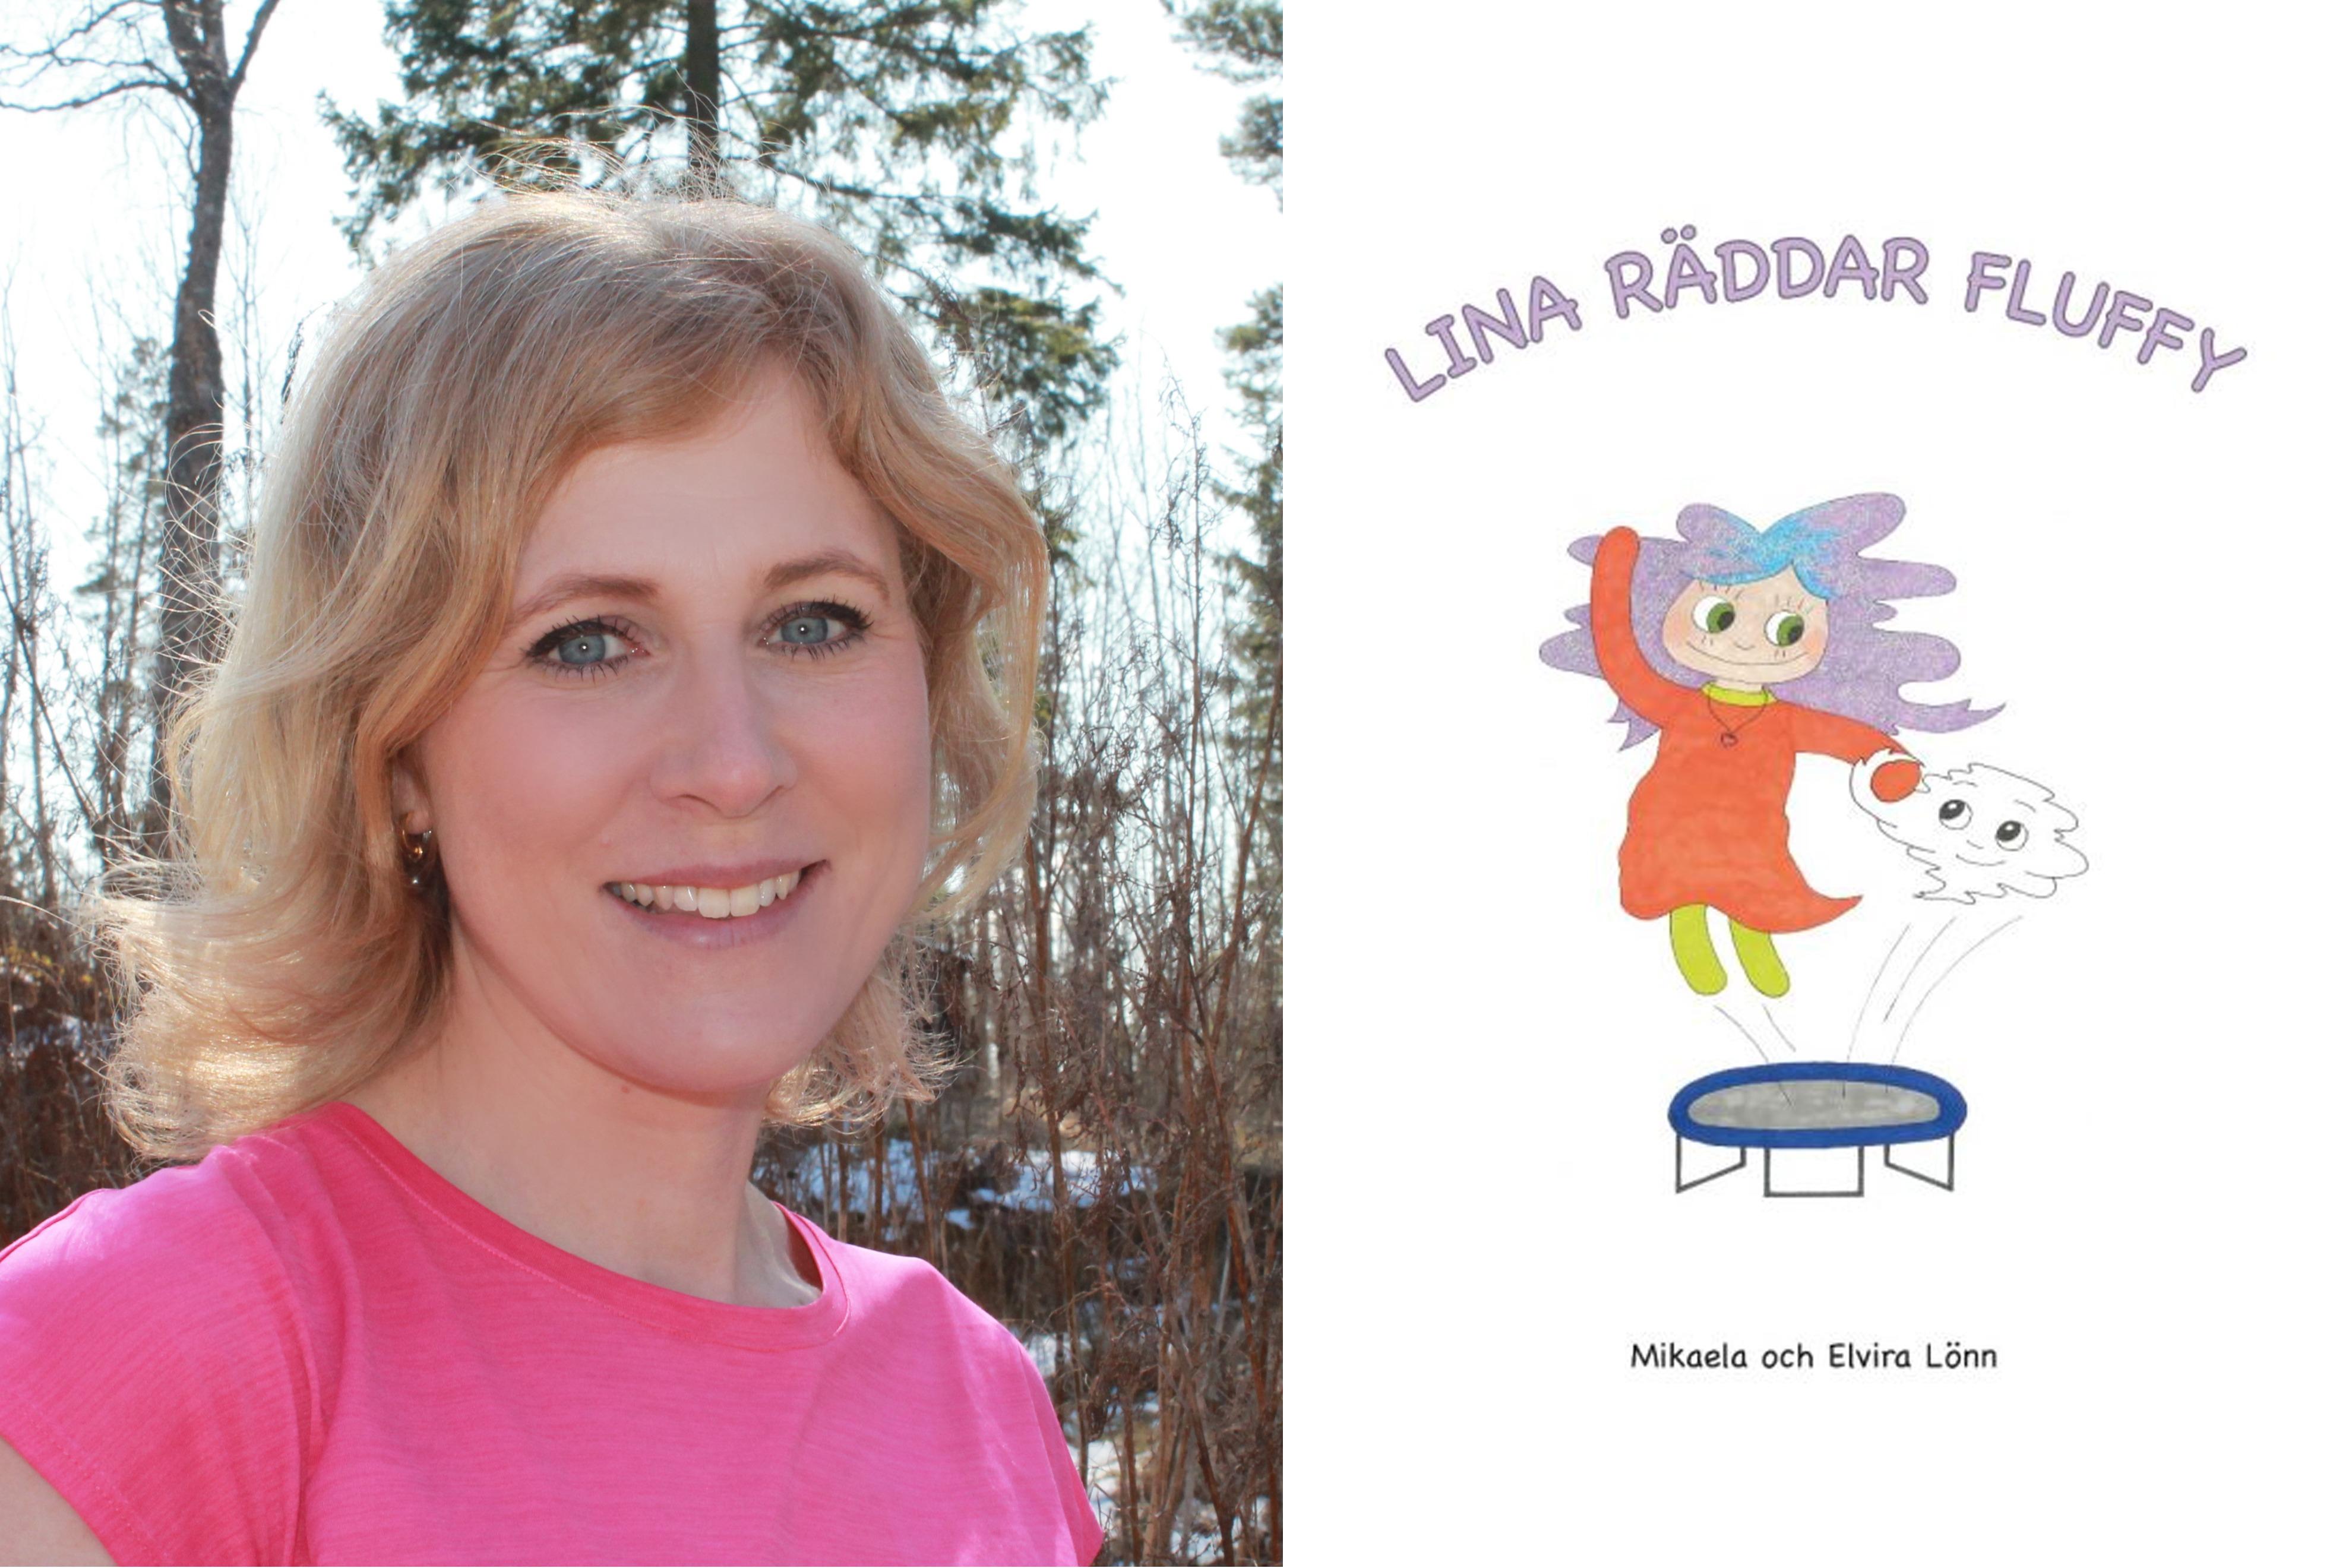 Lina räddar Fluffy av Mikaela och Elvira Lönn